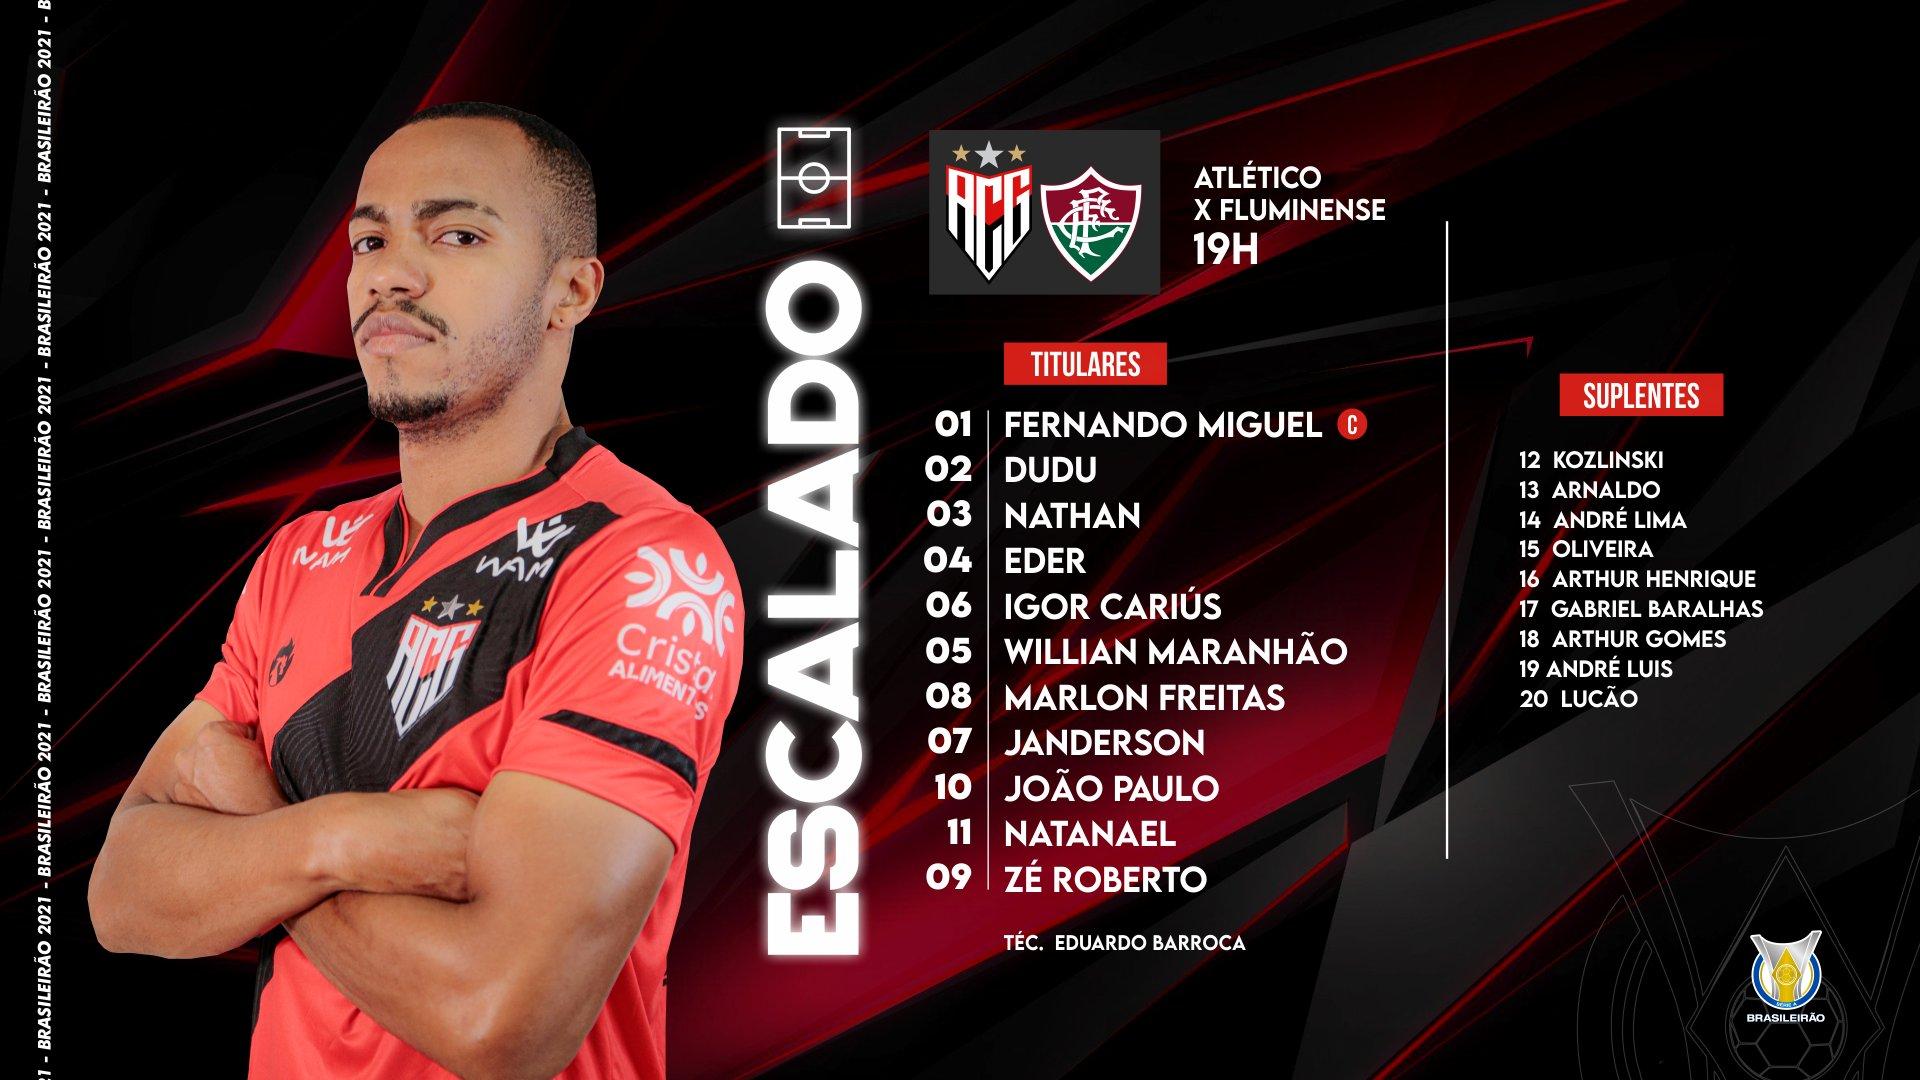 Atlético-GO escalado para pegar o Fluminense pela Série A